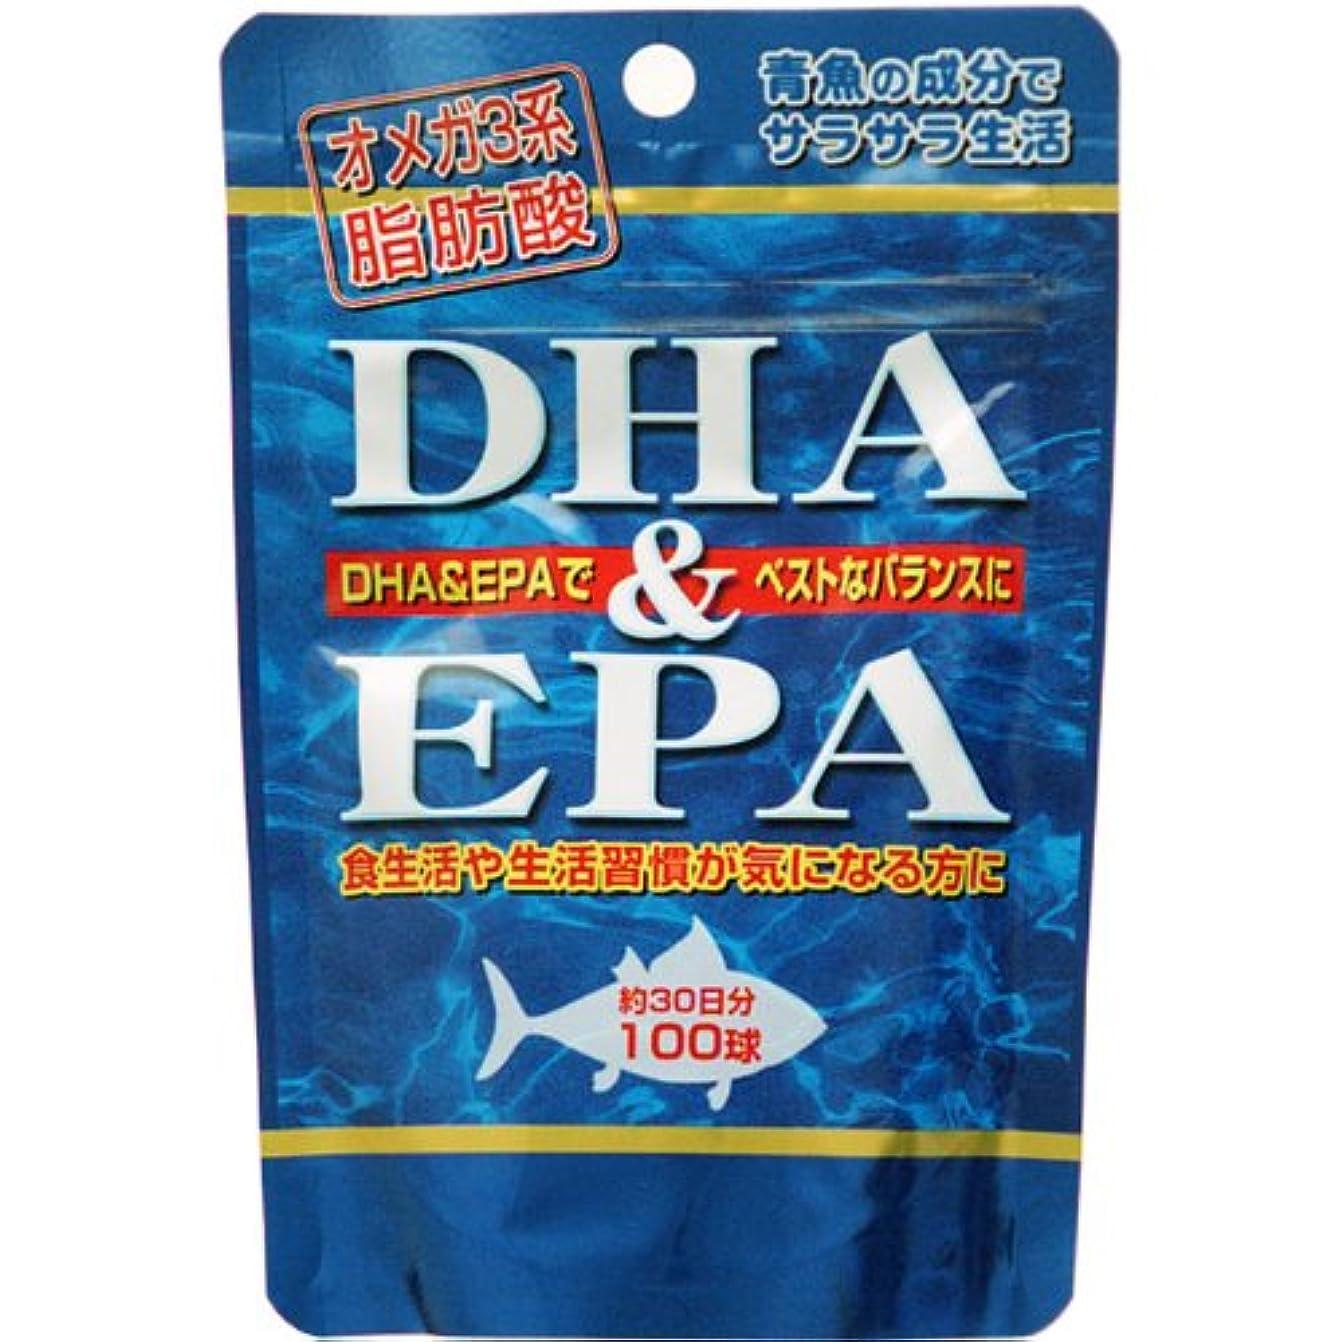 表向き抱擁バルセロナDHA(ドコサヘキサエン酸)&EPA(エイコサペンタエン酸)×5